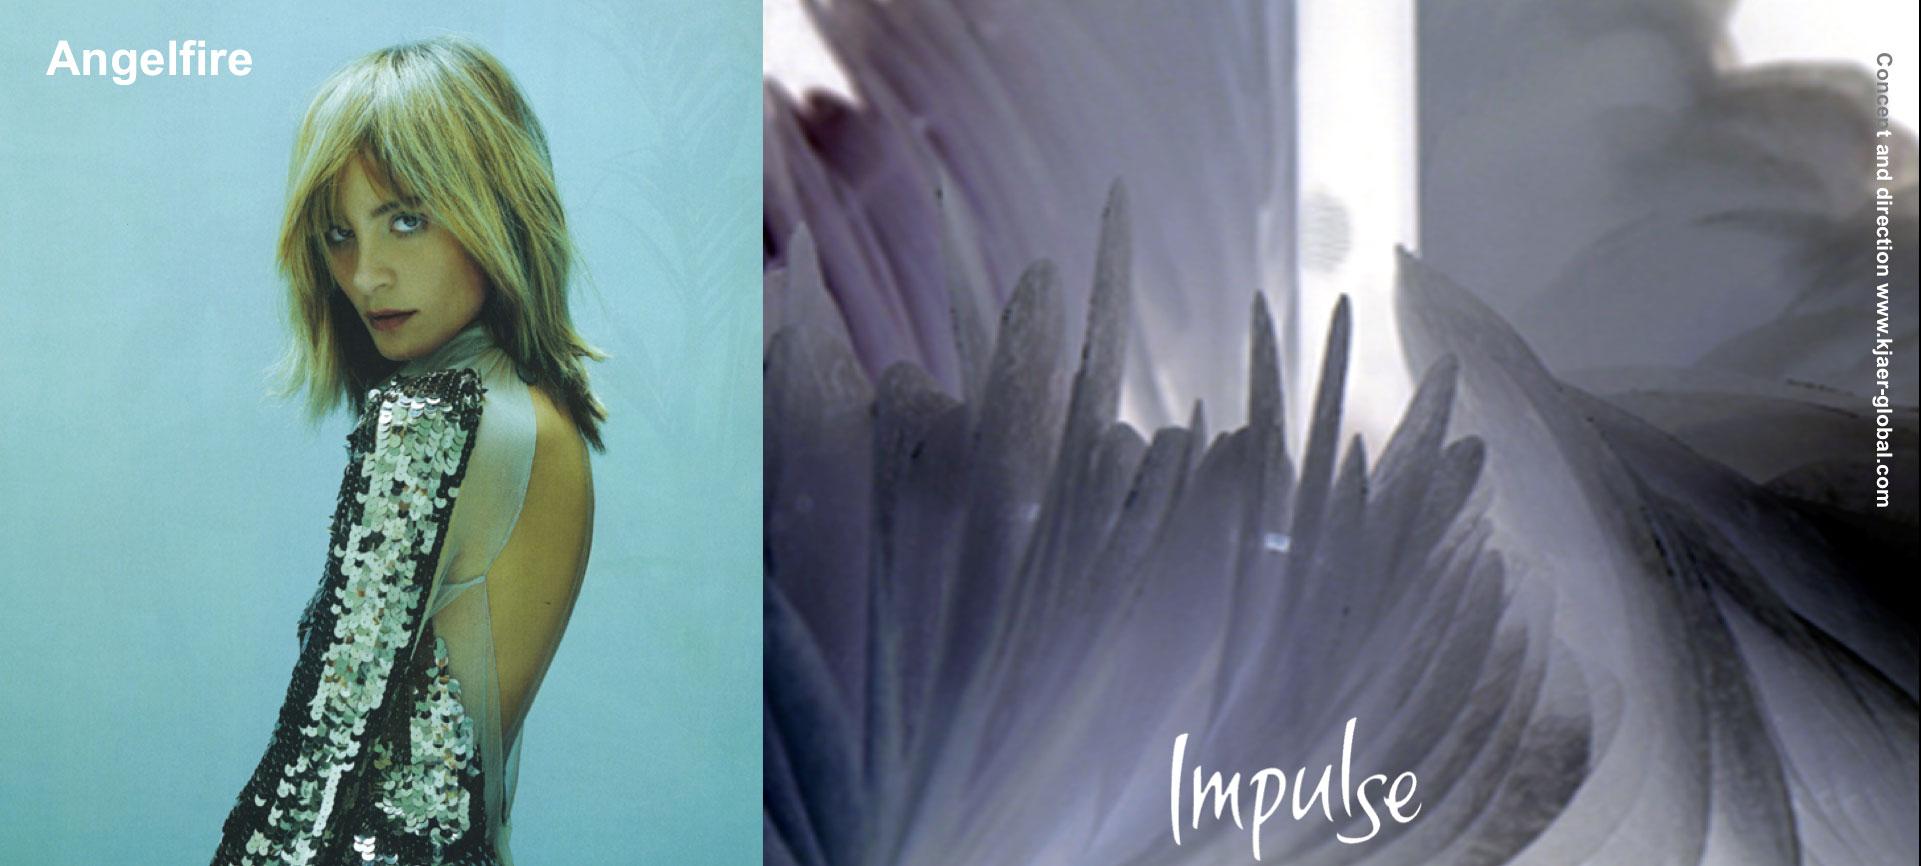 3.-ANGELFIRE-Kjaer-Global-Unilever_Lever-Fabergé-Impulse-New-Launch-2001